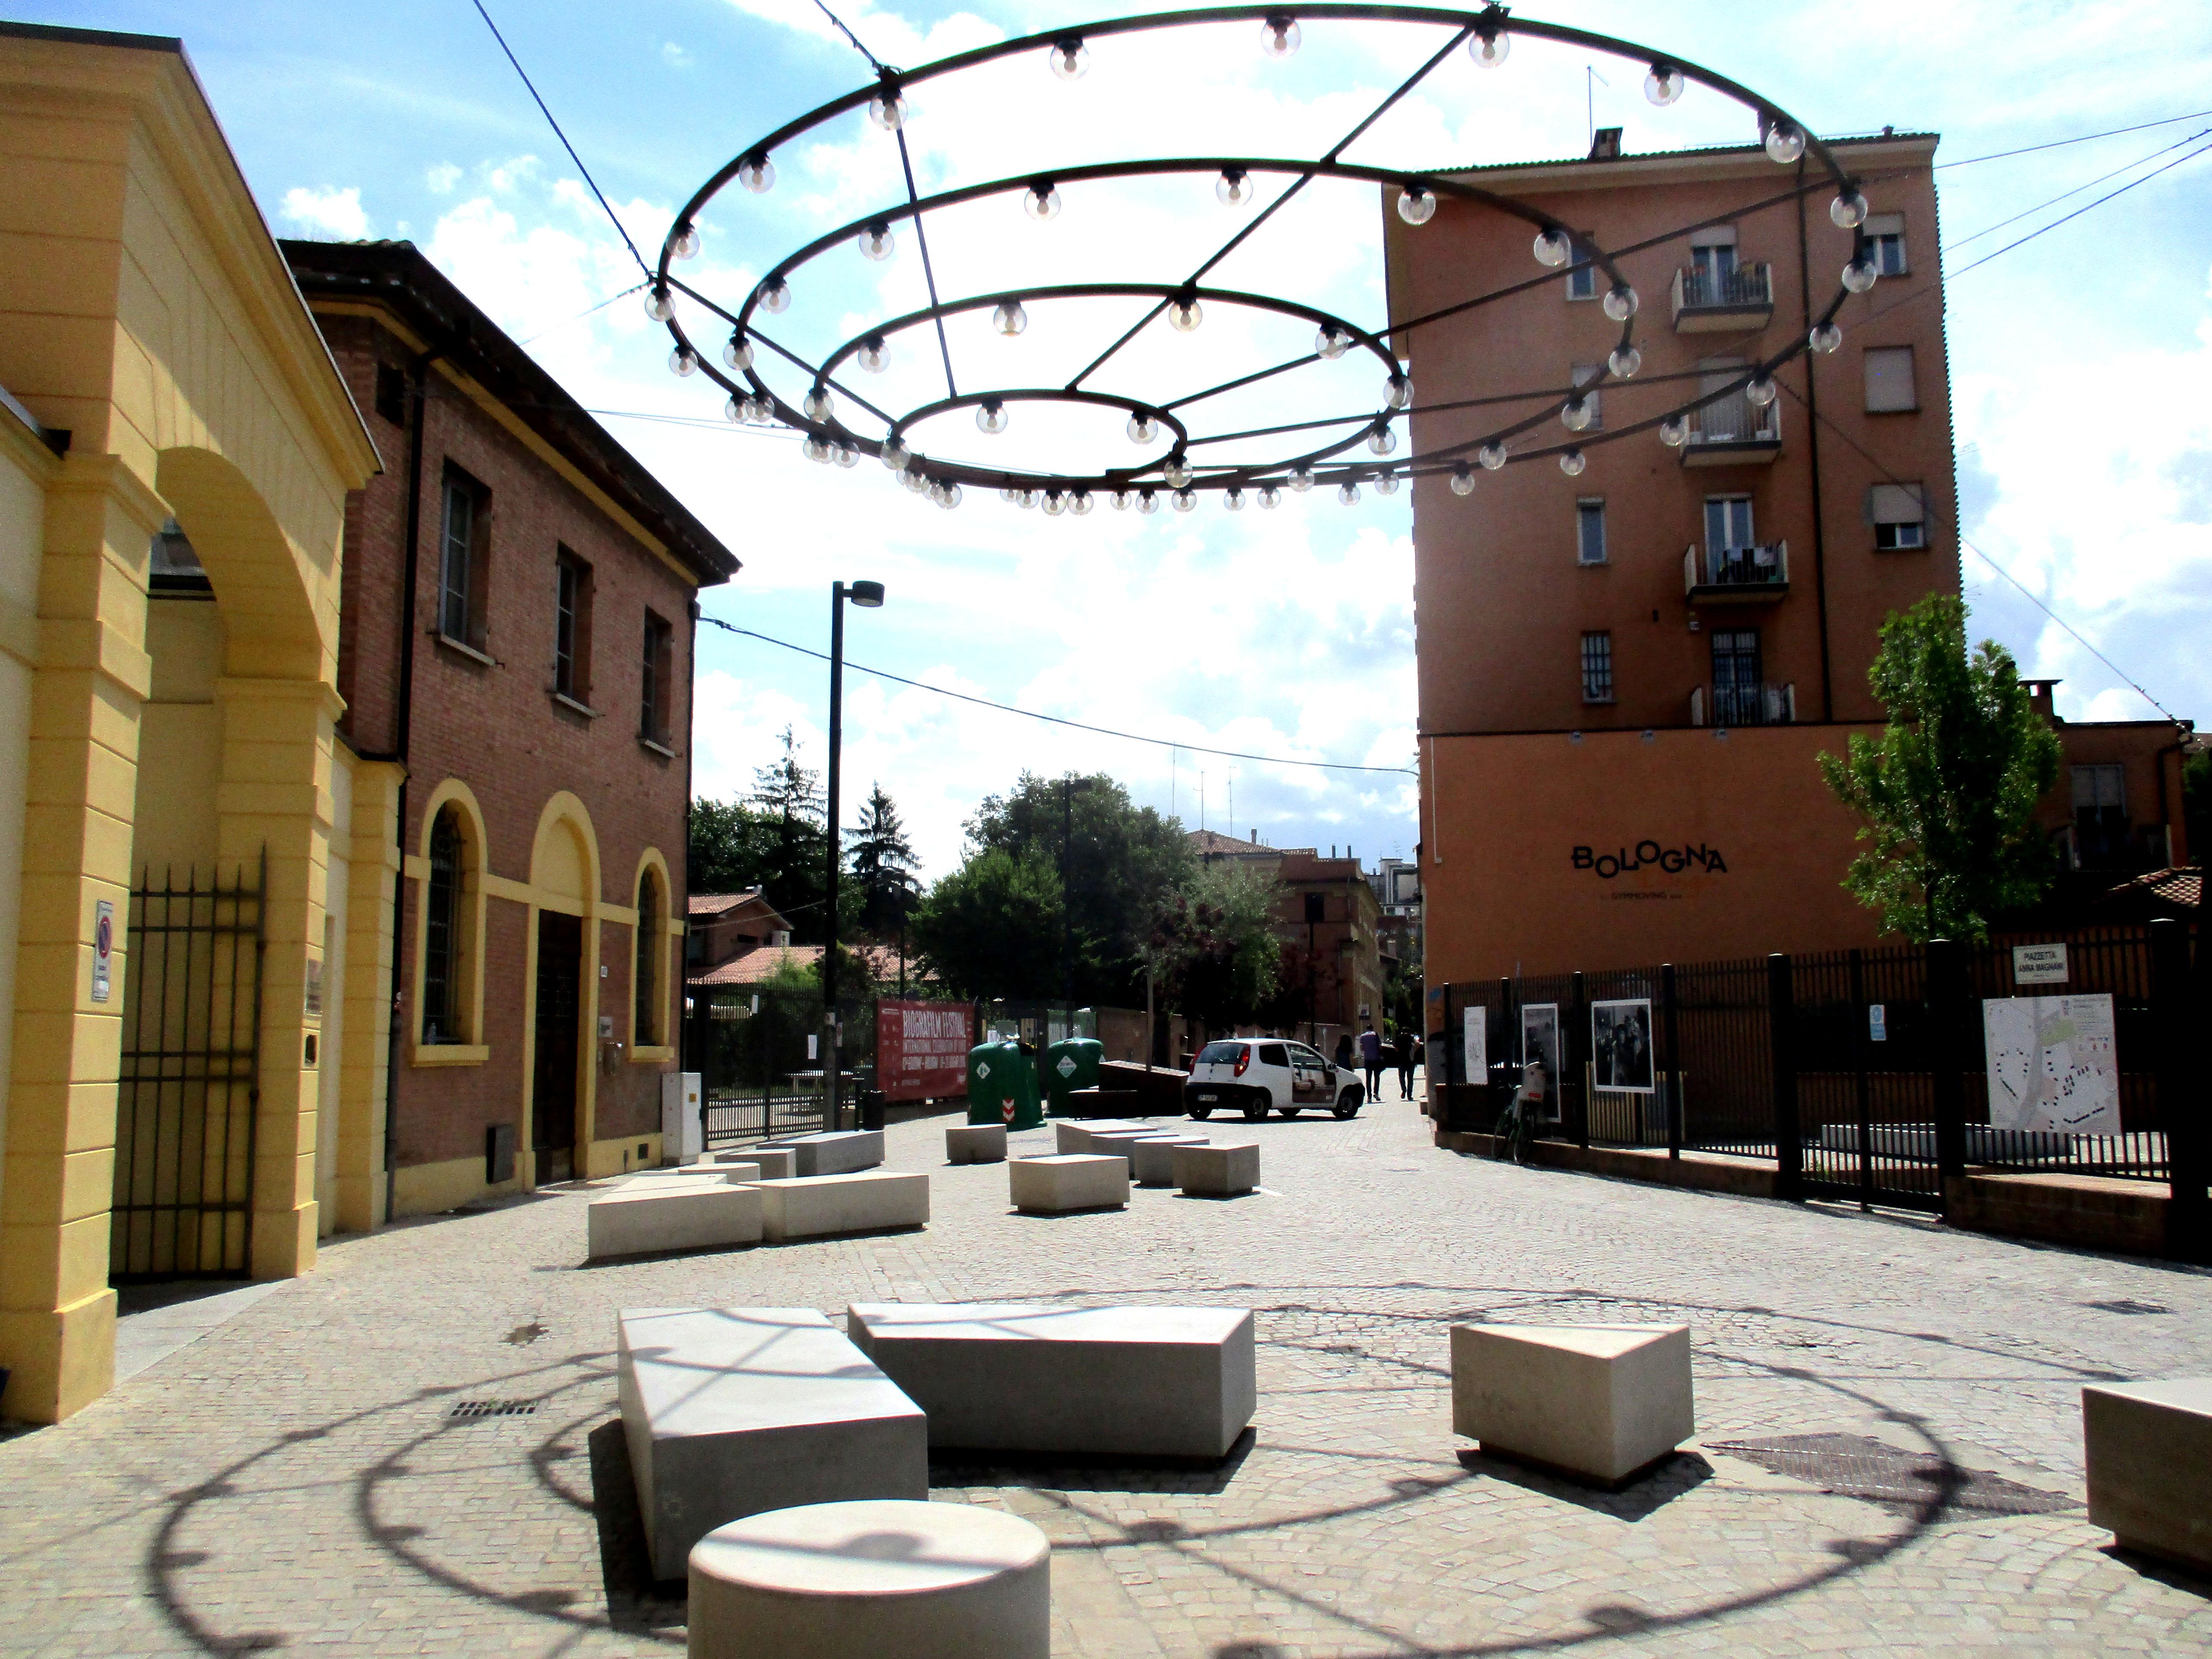 The Best of Bologna - Wandelen langs het water